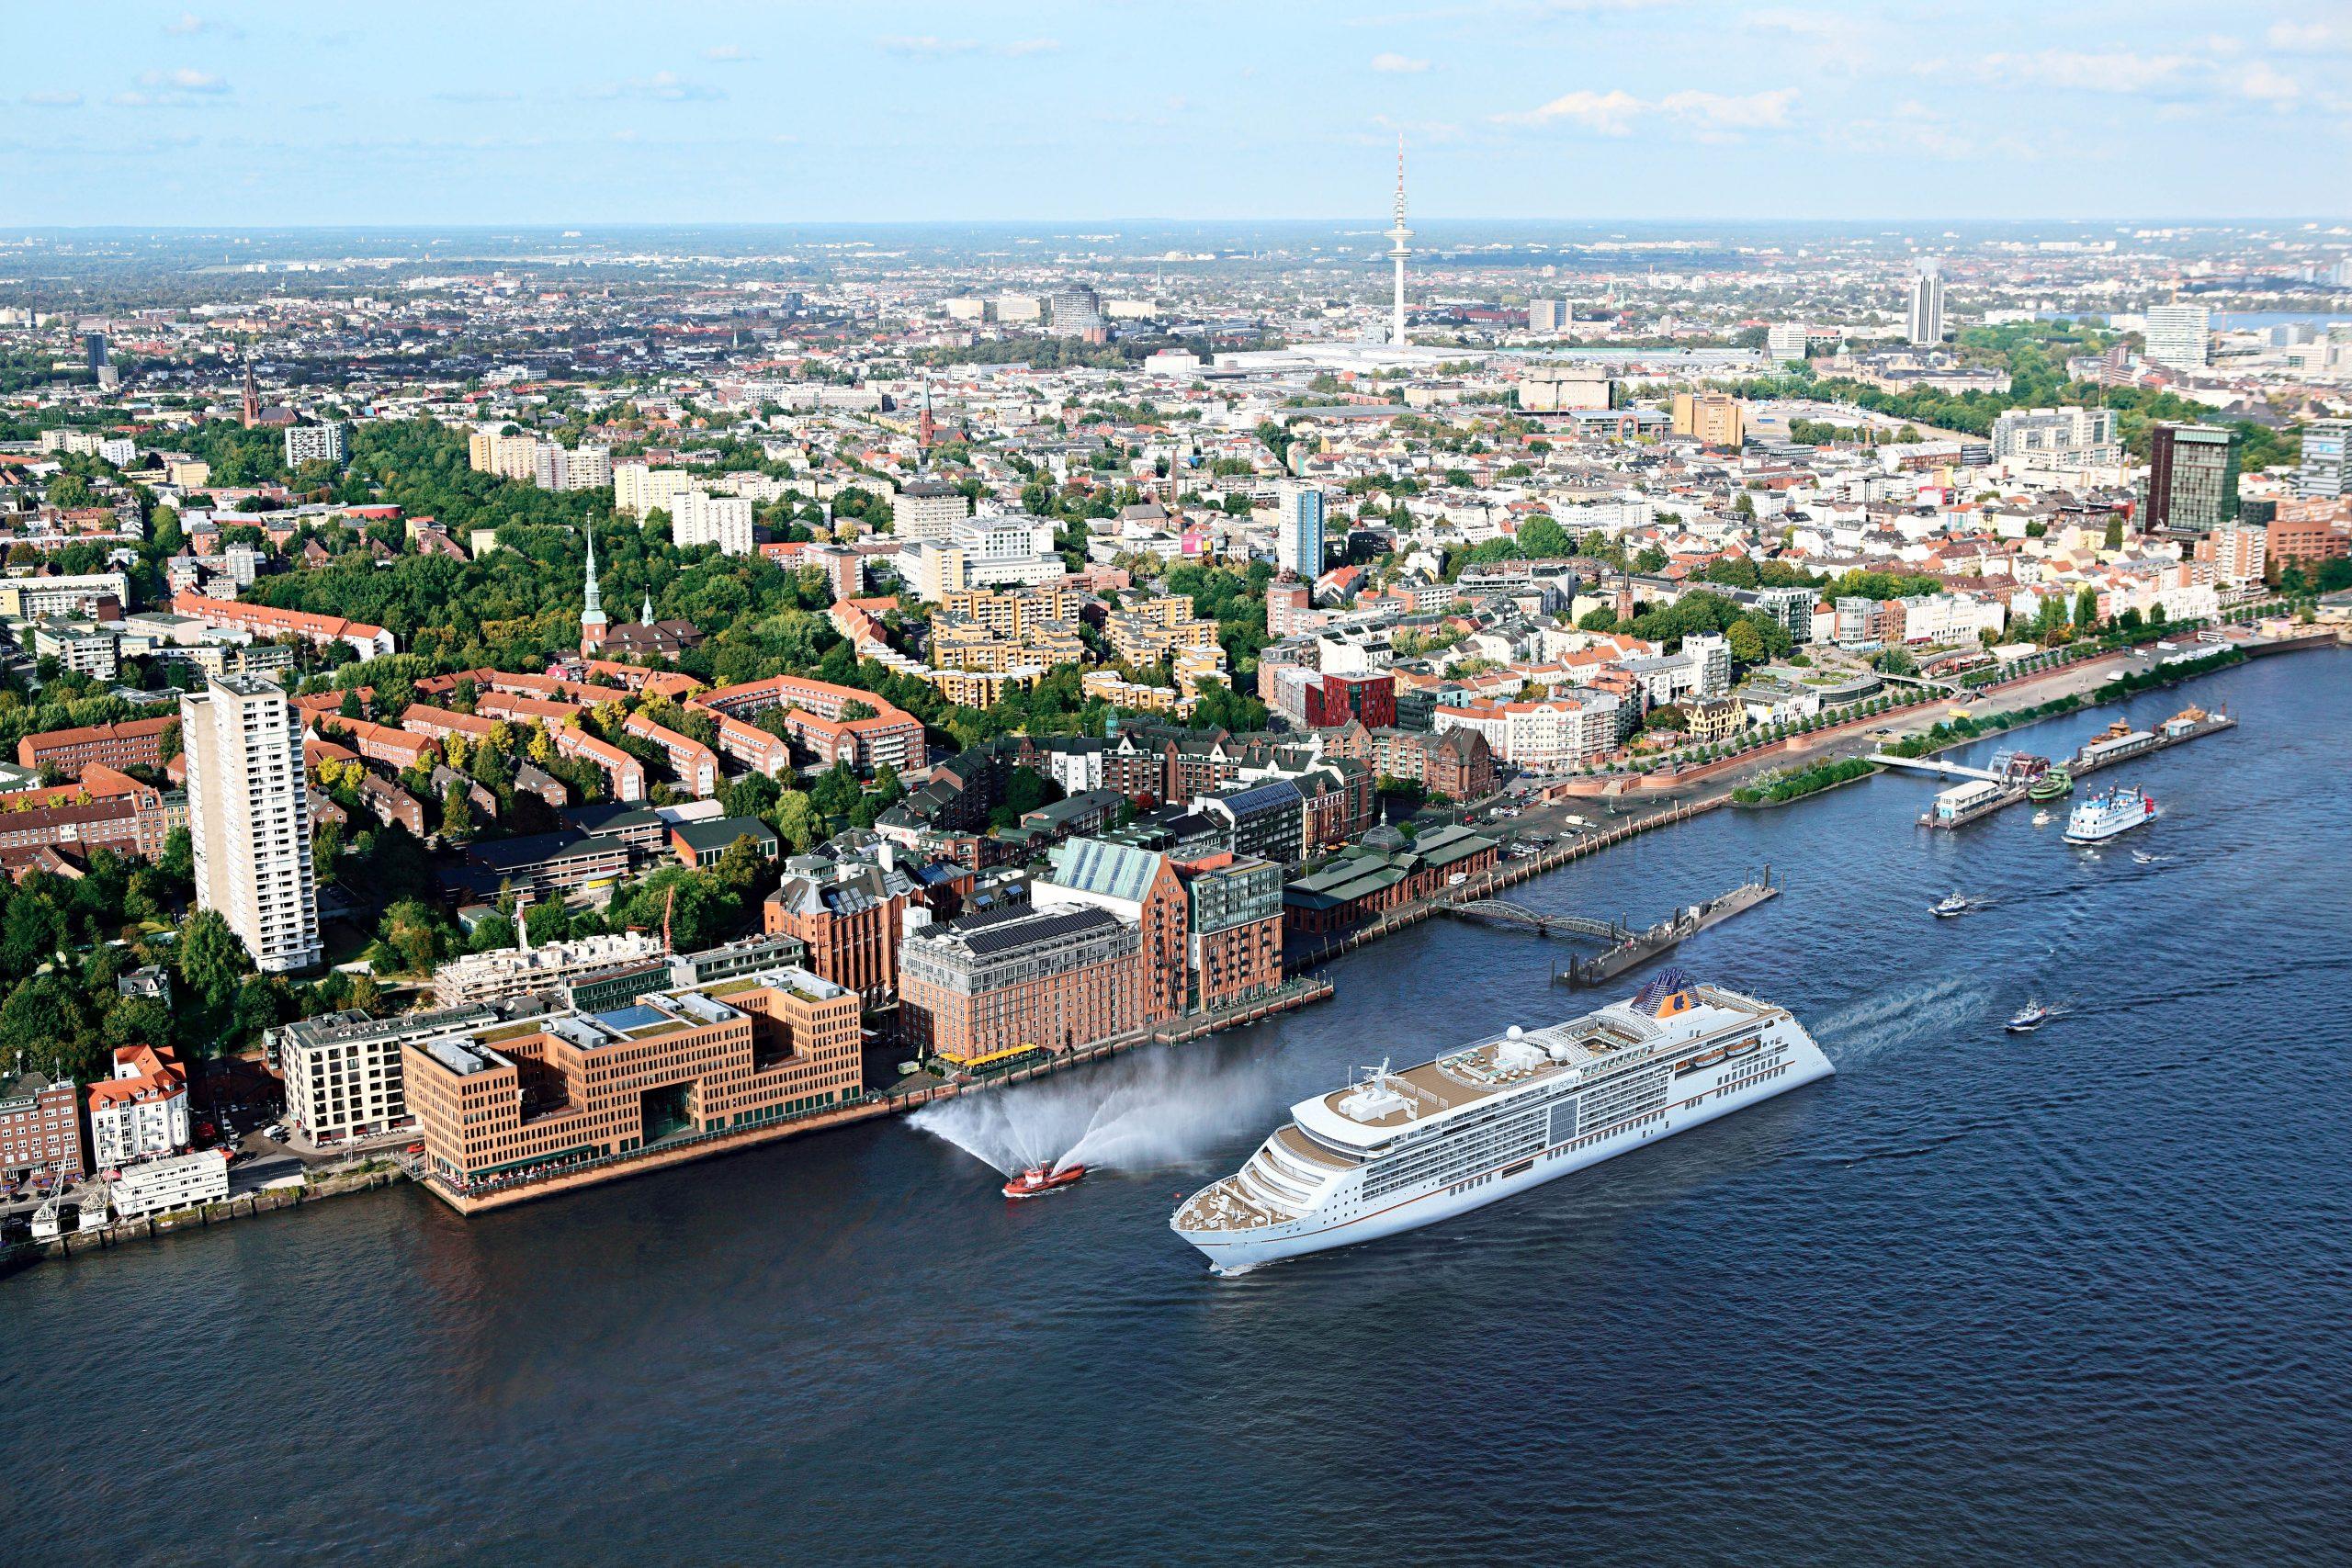 Ab sofort bezieht die EUROPA 2 Landstrom am Cruise Center Altona in Hamburg.Alle Neubauten der Hapag-Lloyd Cruises Flotte sind für Landstrom ausgestattet.